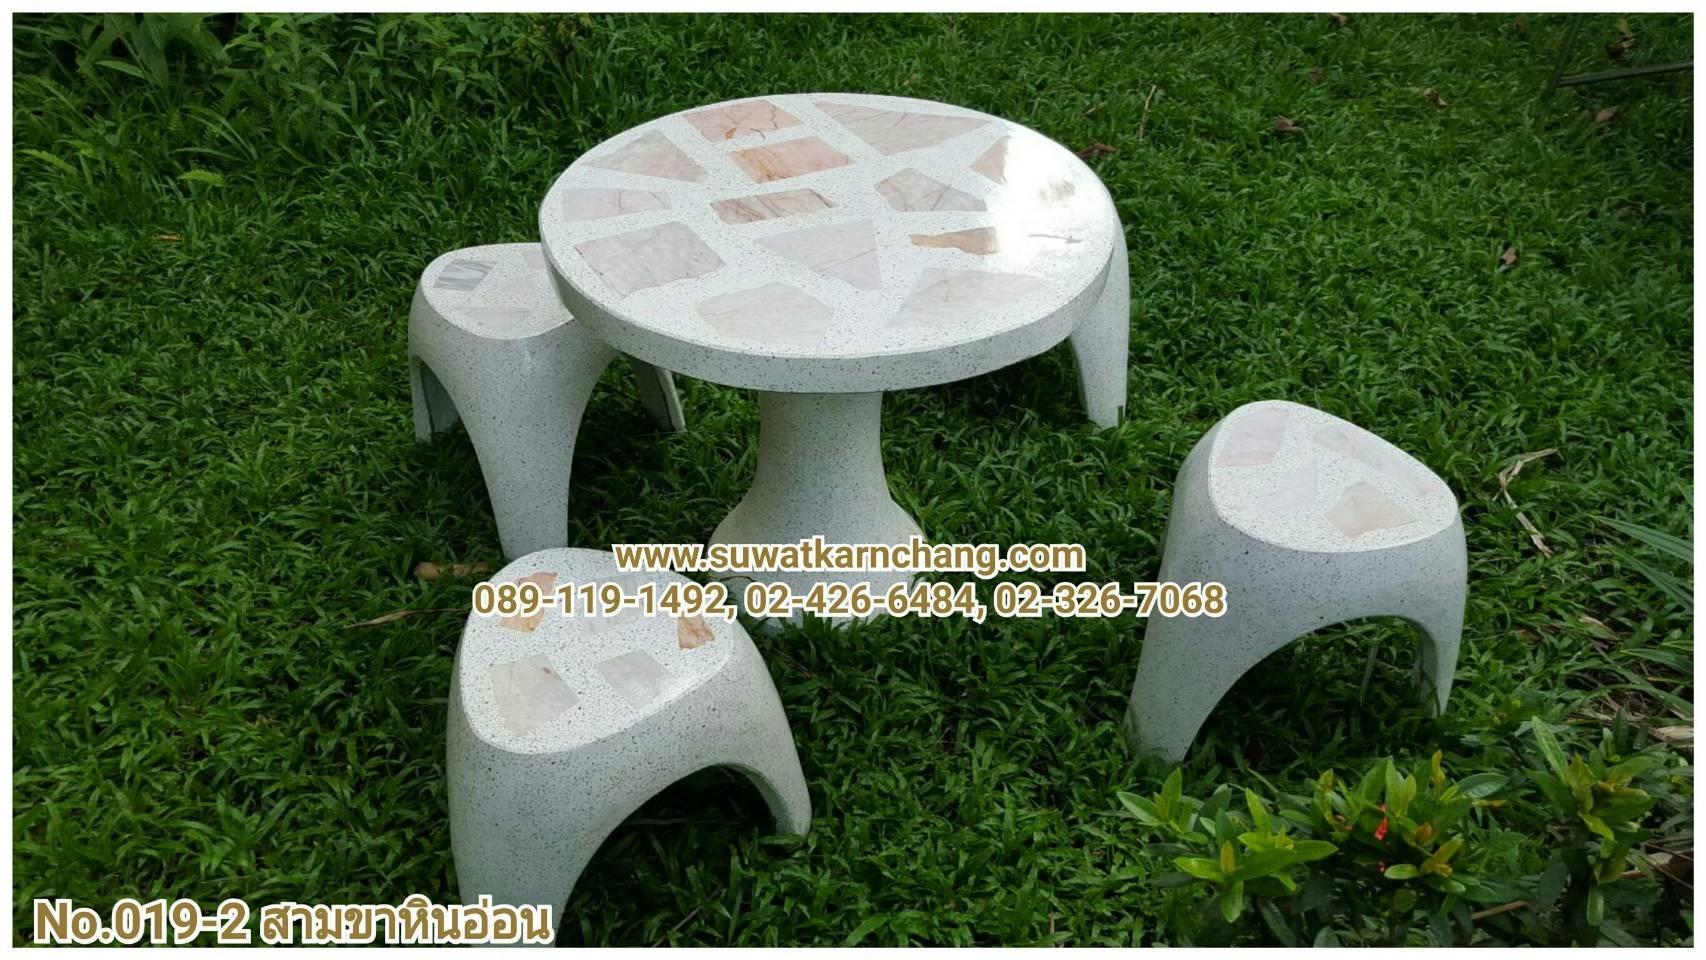 โต๊ะสามขาหินอ่อน หน้า 80 ซม. สุวัฒน์การช่าง